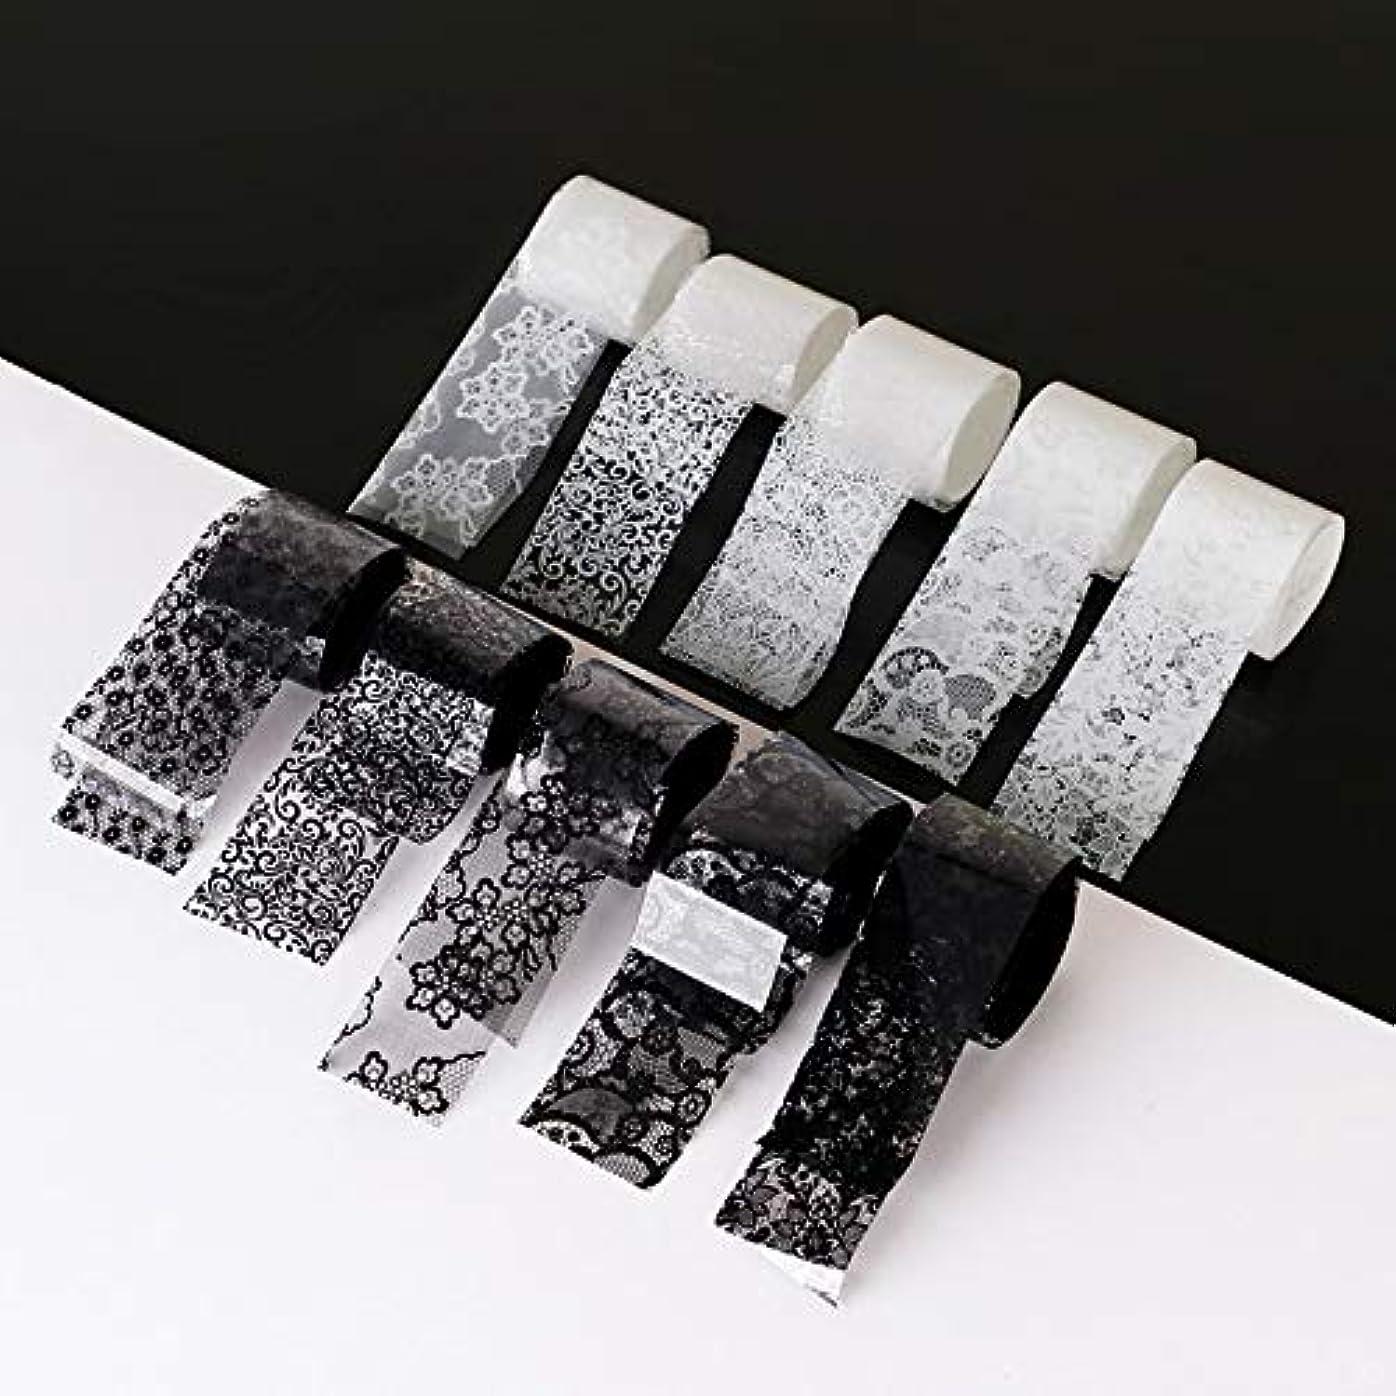 死んでいる石の規制する10ロール/箱新しい黒白いレースネイルアート転写箔ステッカーセクシーな花の接着剤ネイルシールdiyマニキュアツール2.5 * 100センチ